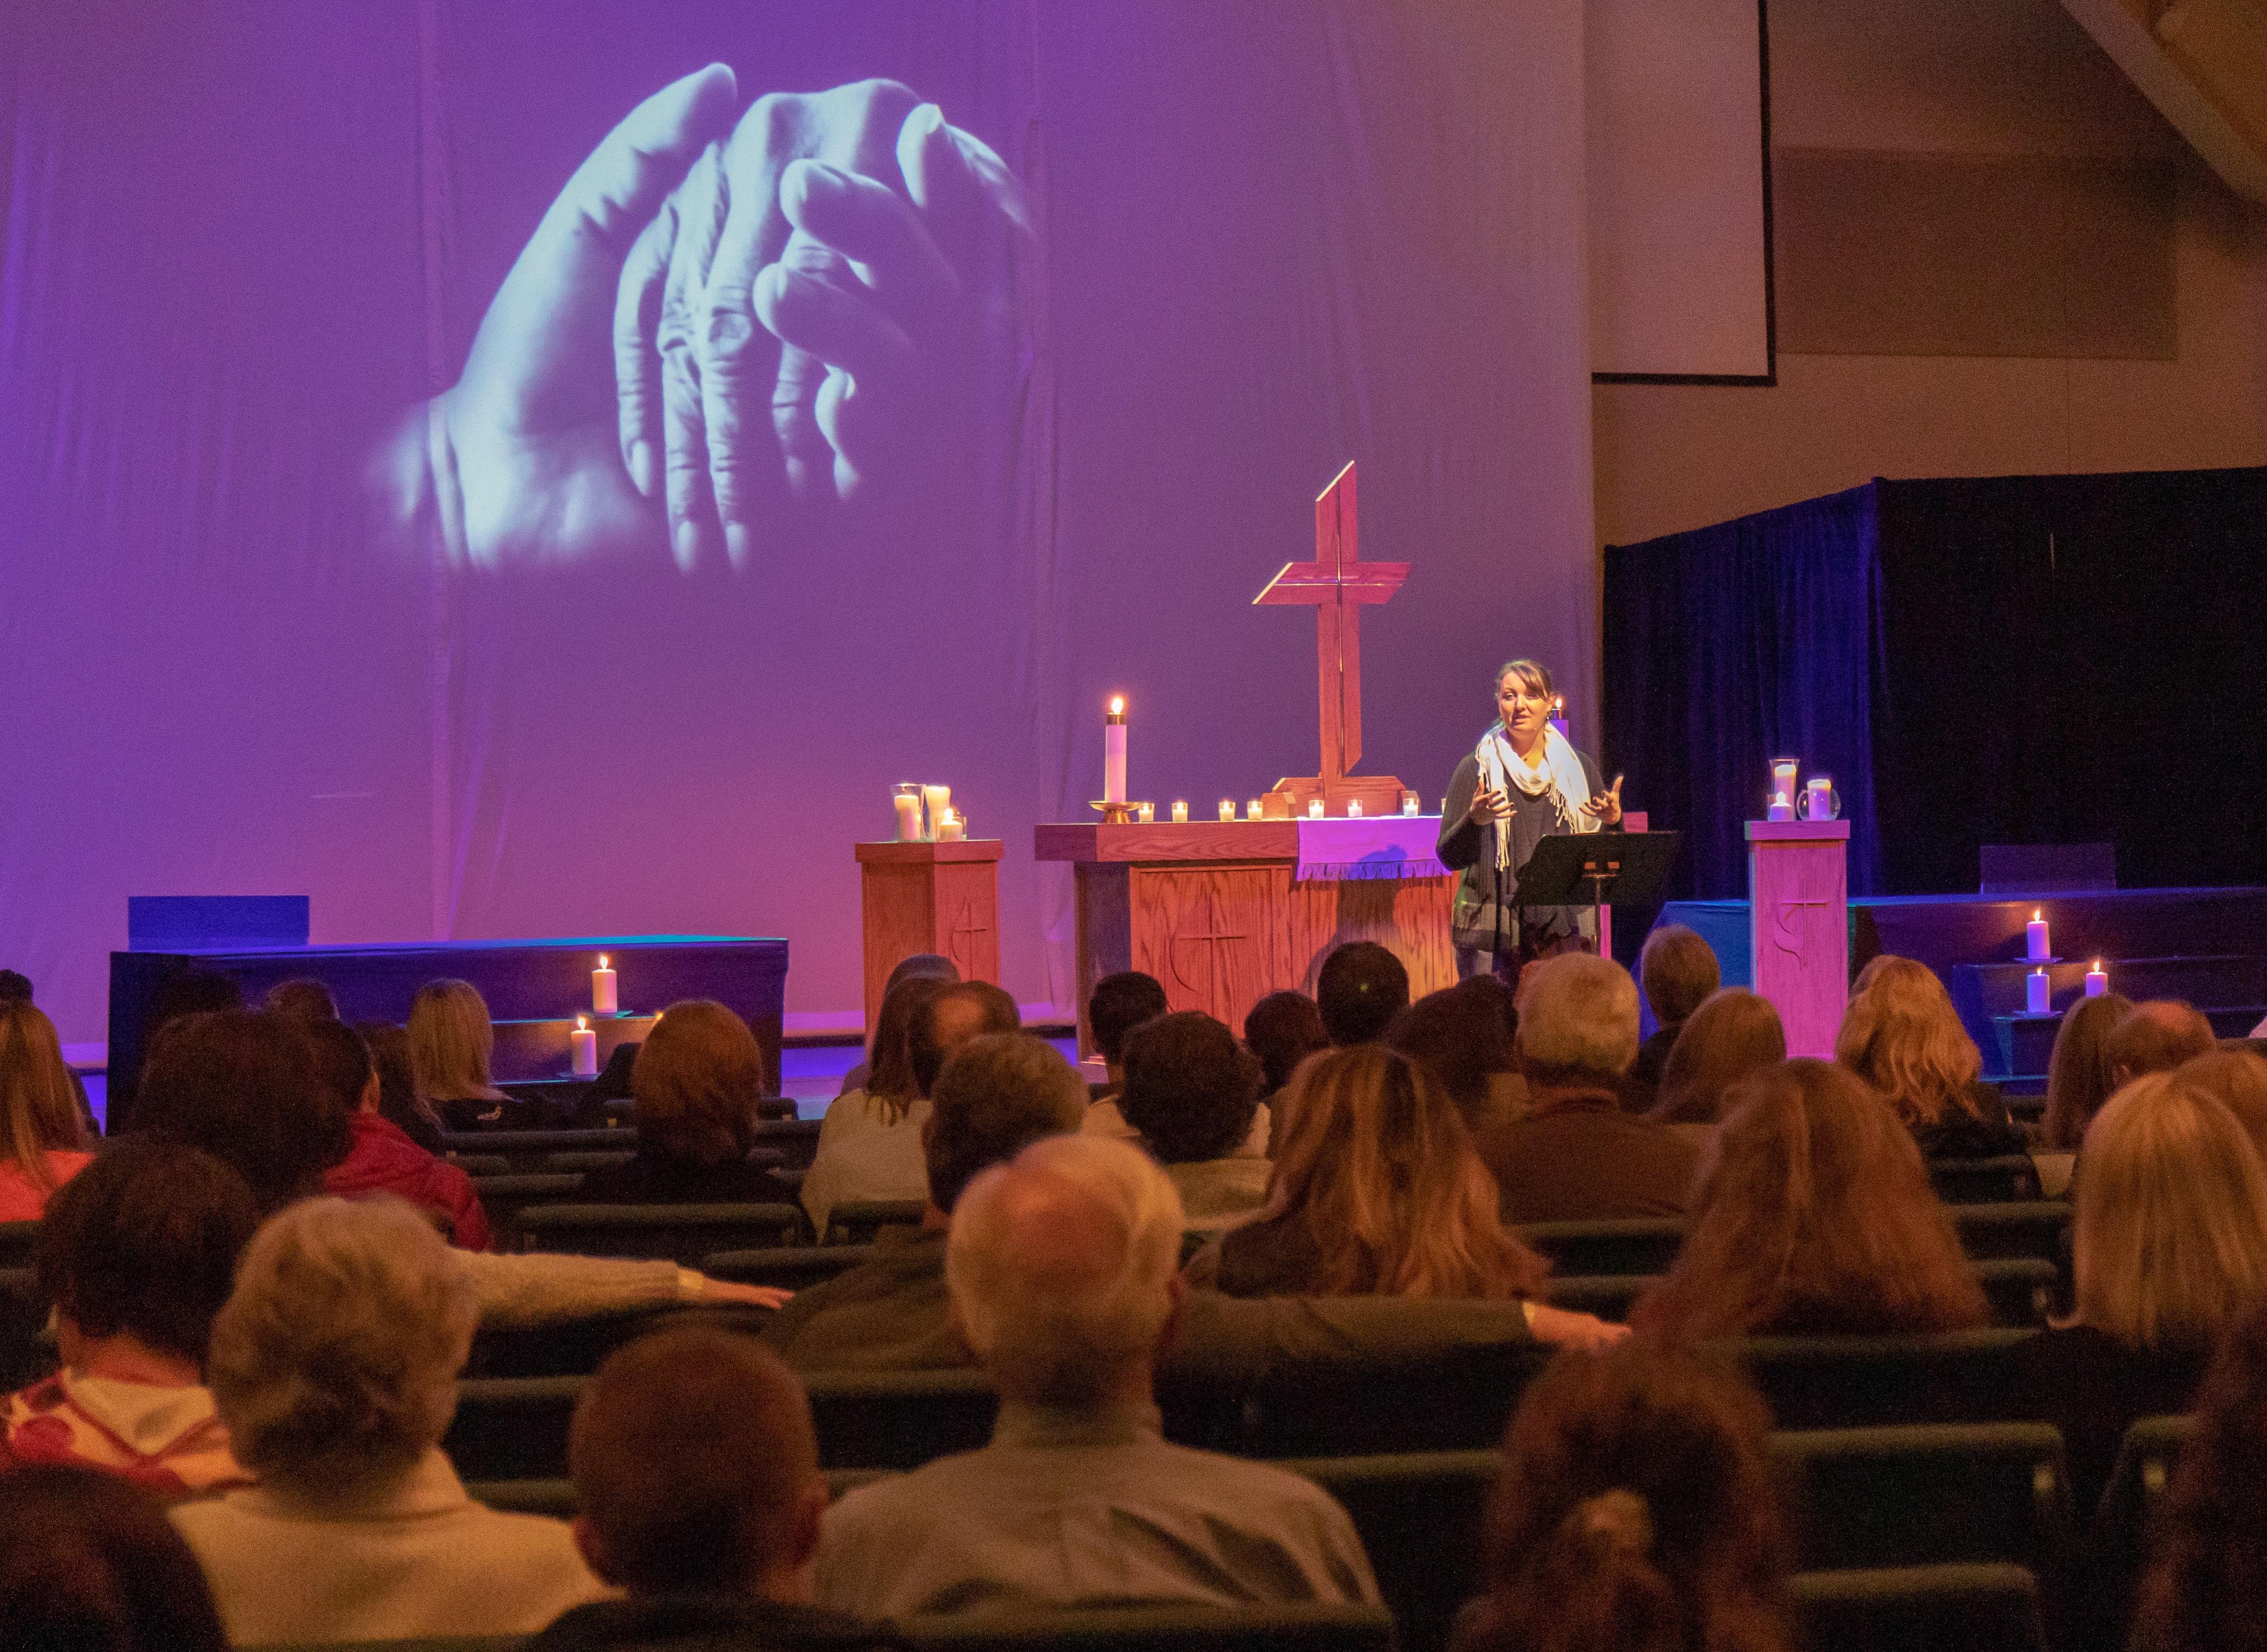 La Revda. Jessica Rooks, pastora de la Iglesia Metodista Unida de San Lucas en Highlands Ranch, Colorado, habla el 7 de mayo durante una vigilia con velas después del tiroteo en la escuela. Foto por Ken Fong, Iglesia Metodista Unida de San Lucas.